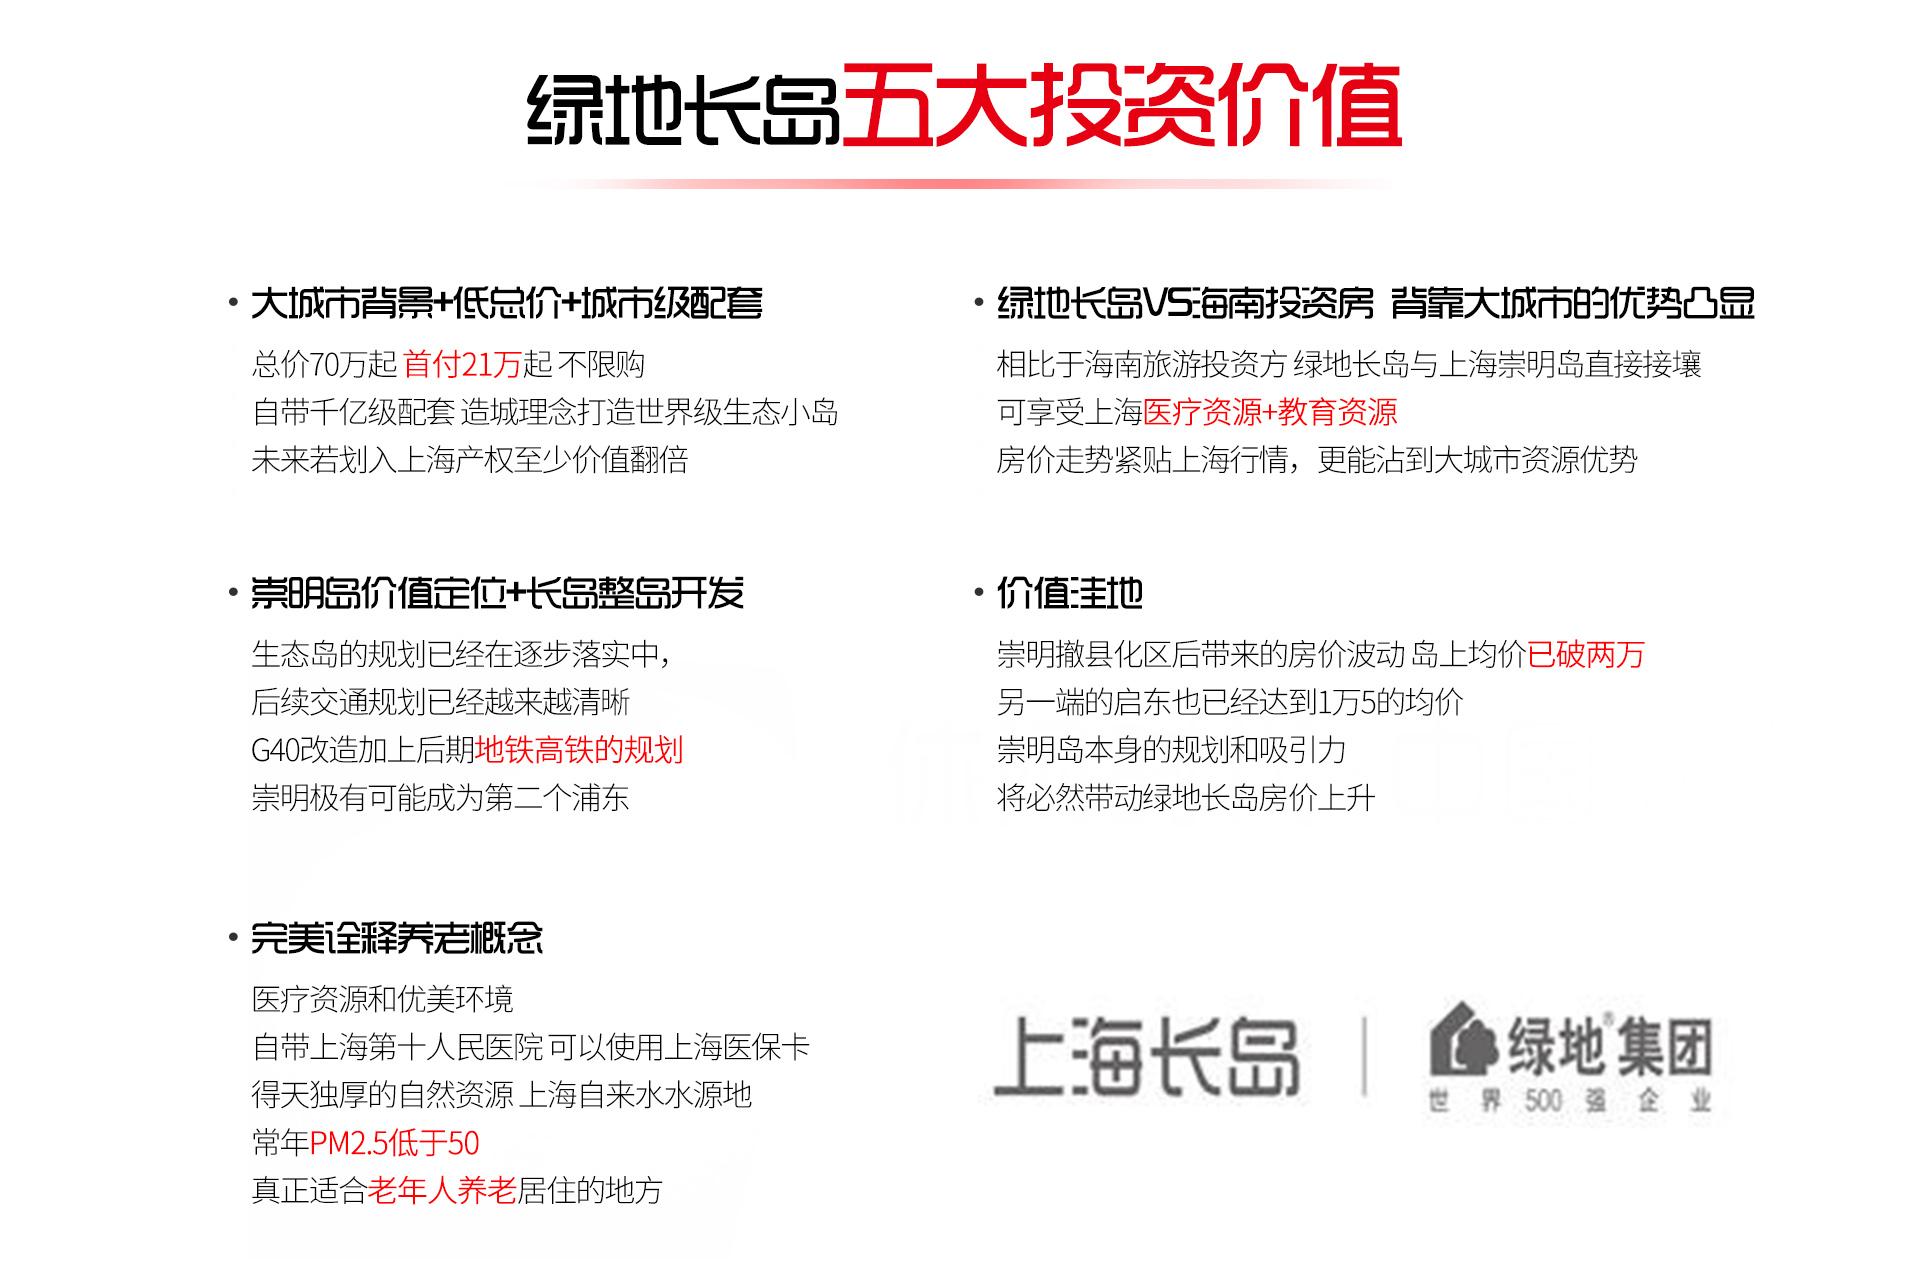 绿地长岛五大投资价值-1(1).jpg